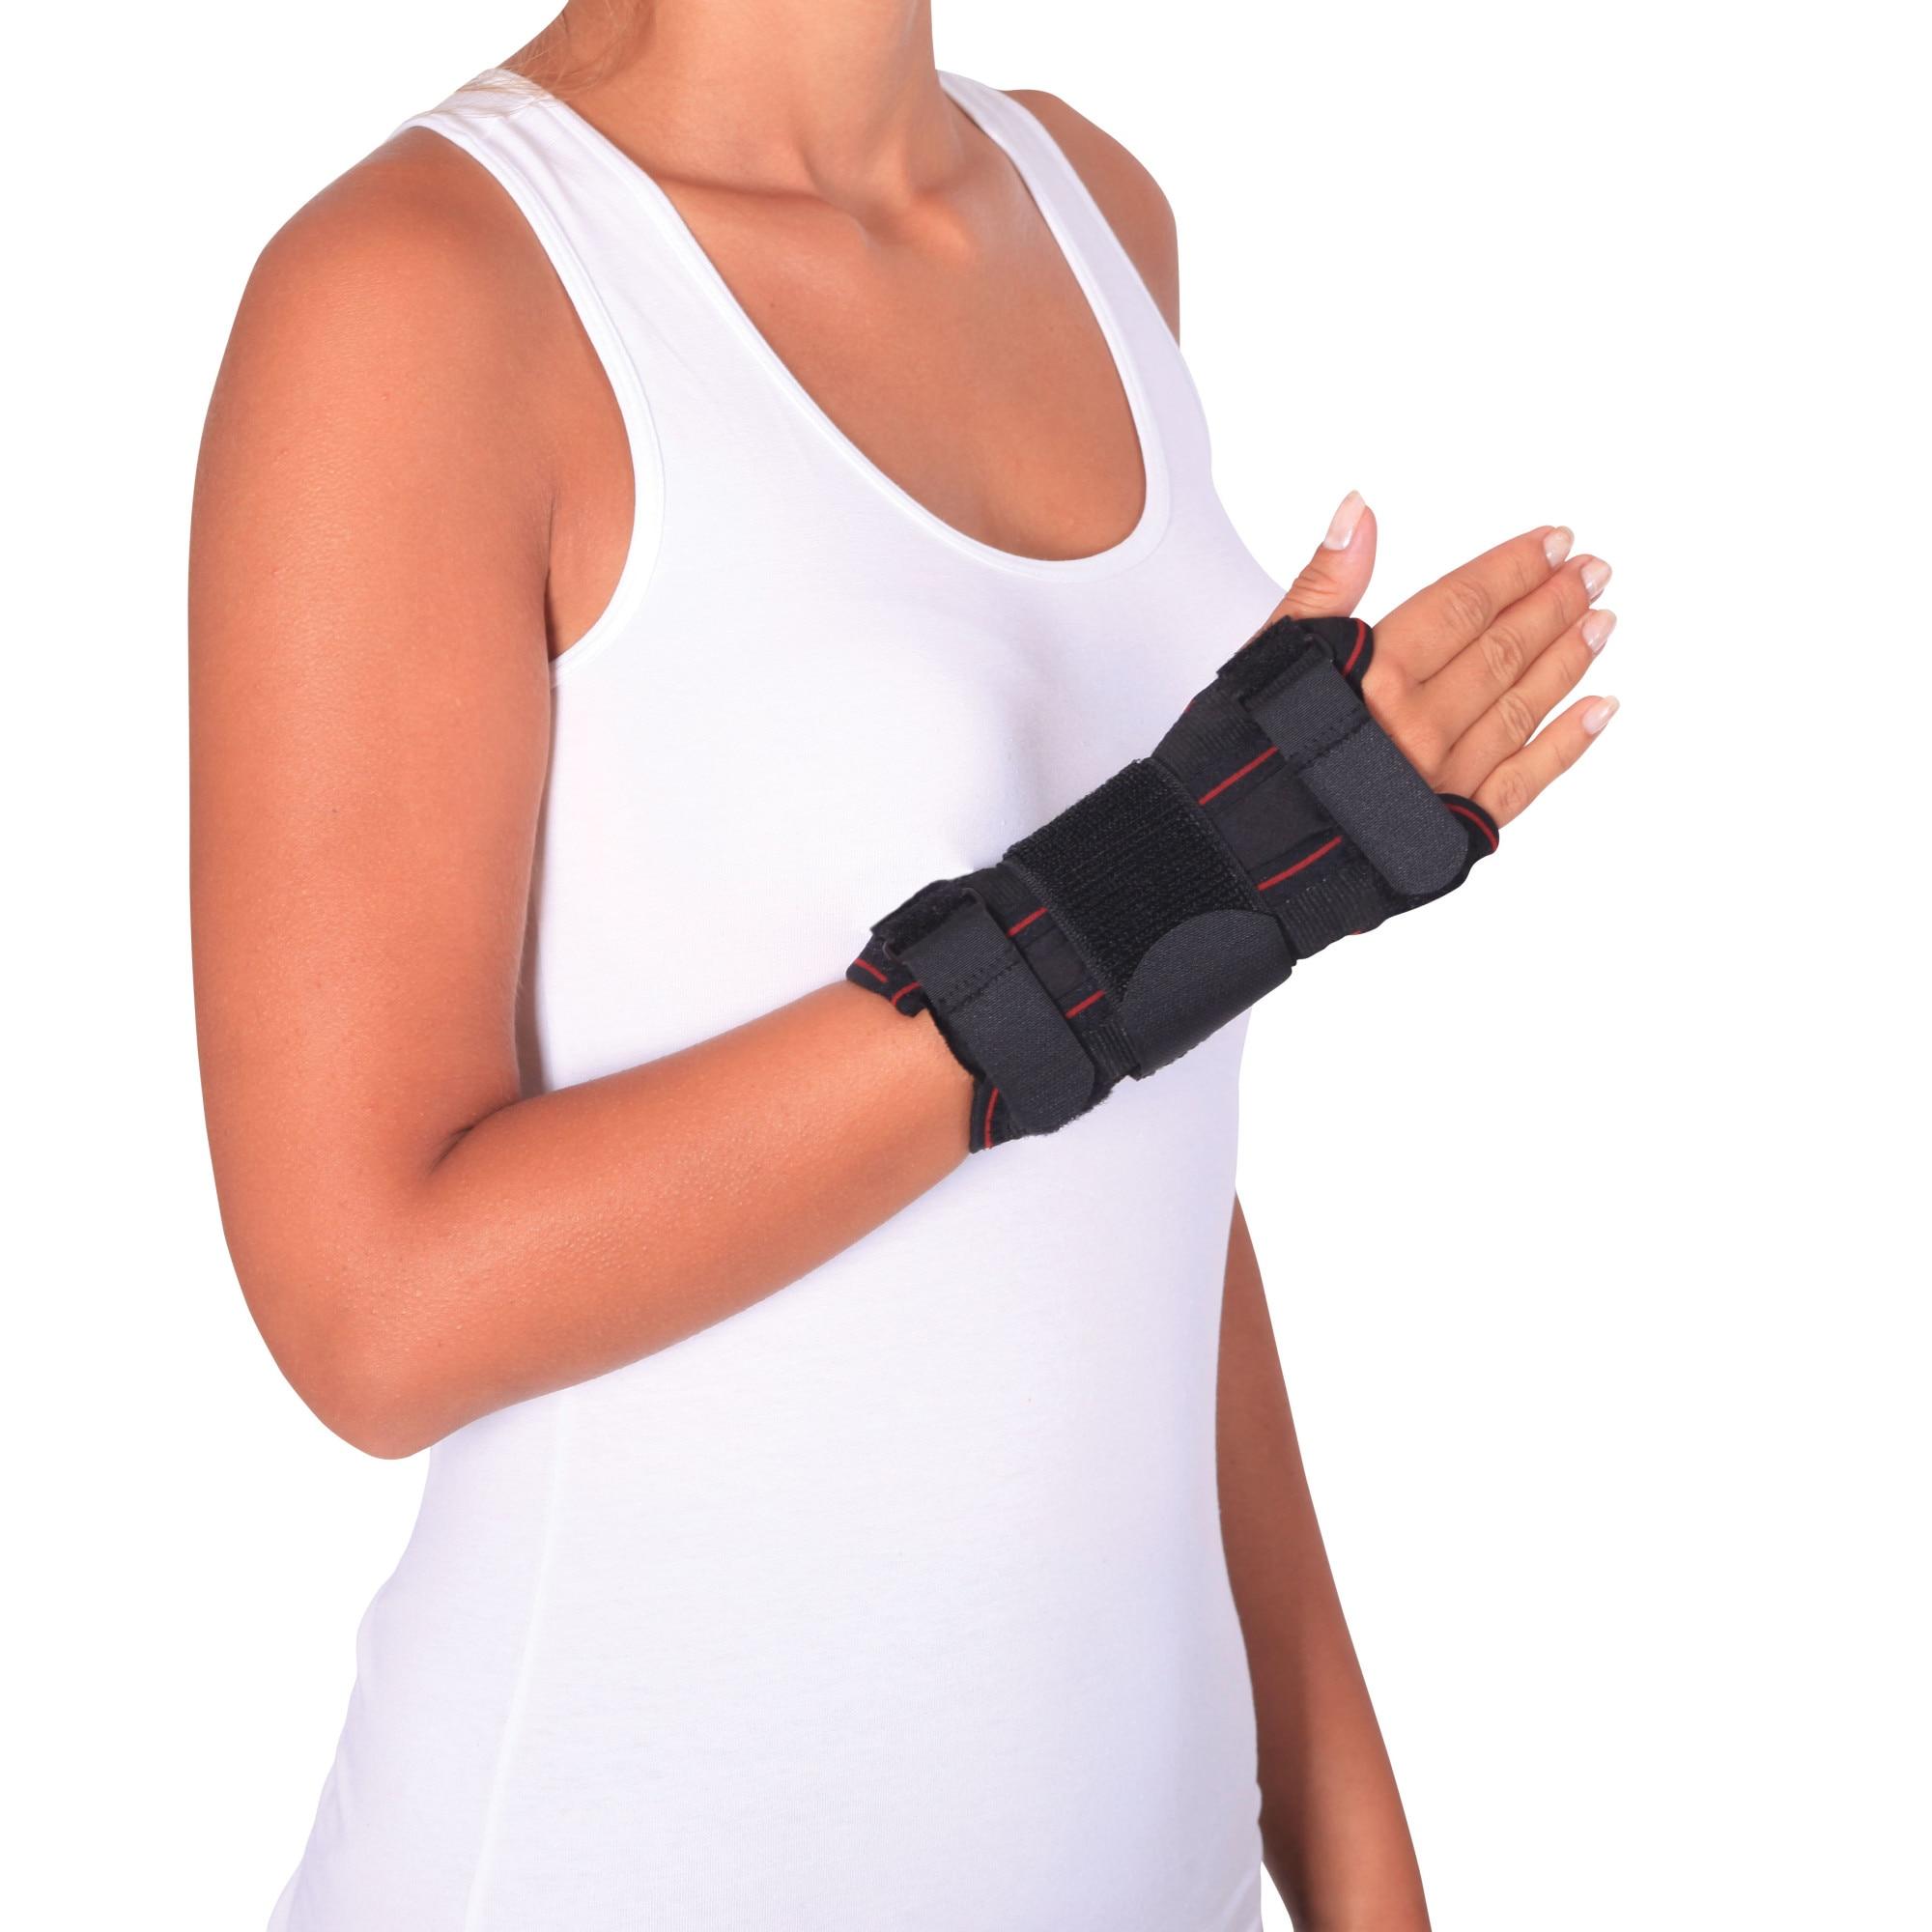 încheietură încheietura mâinii ksa după artroza traumatică a genunchiului